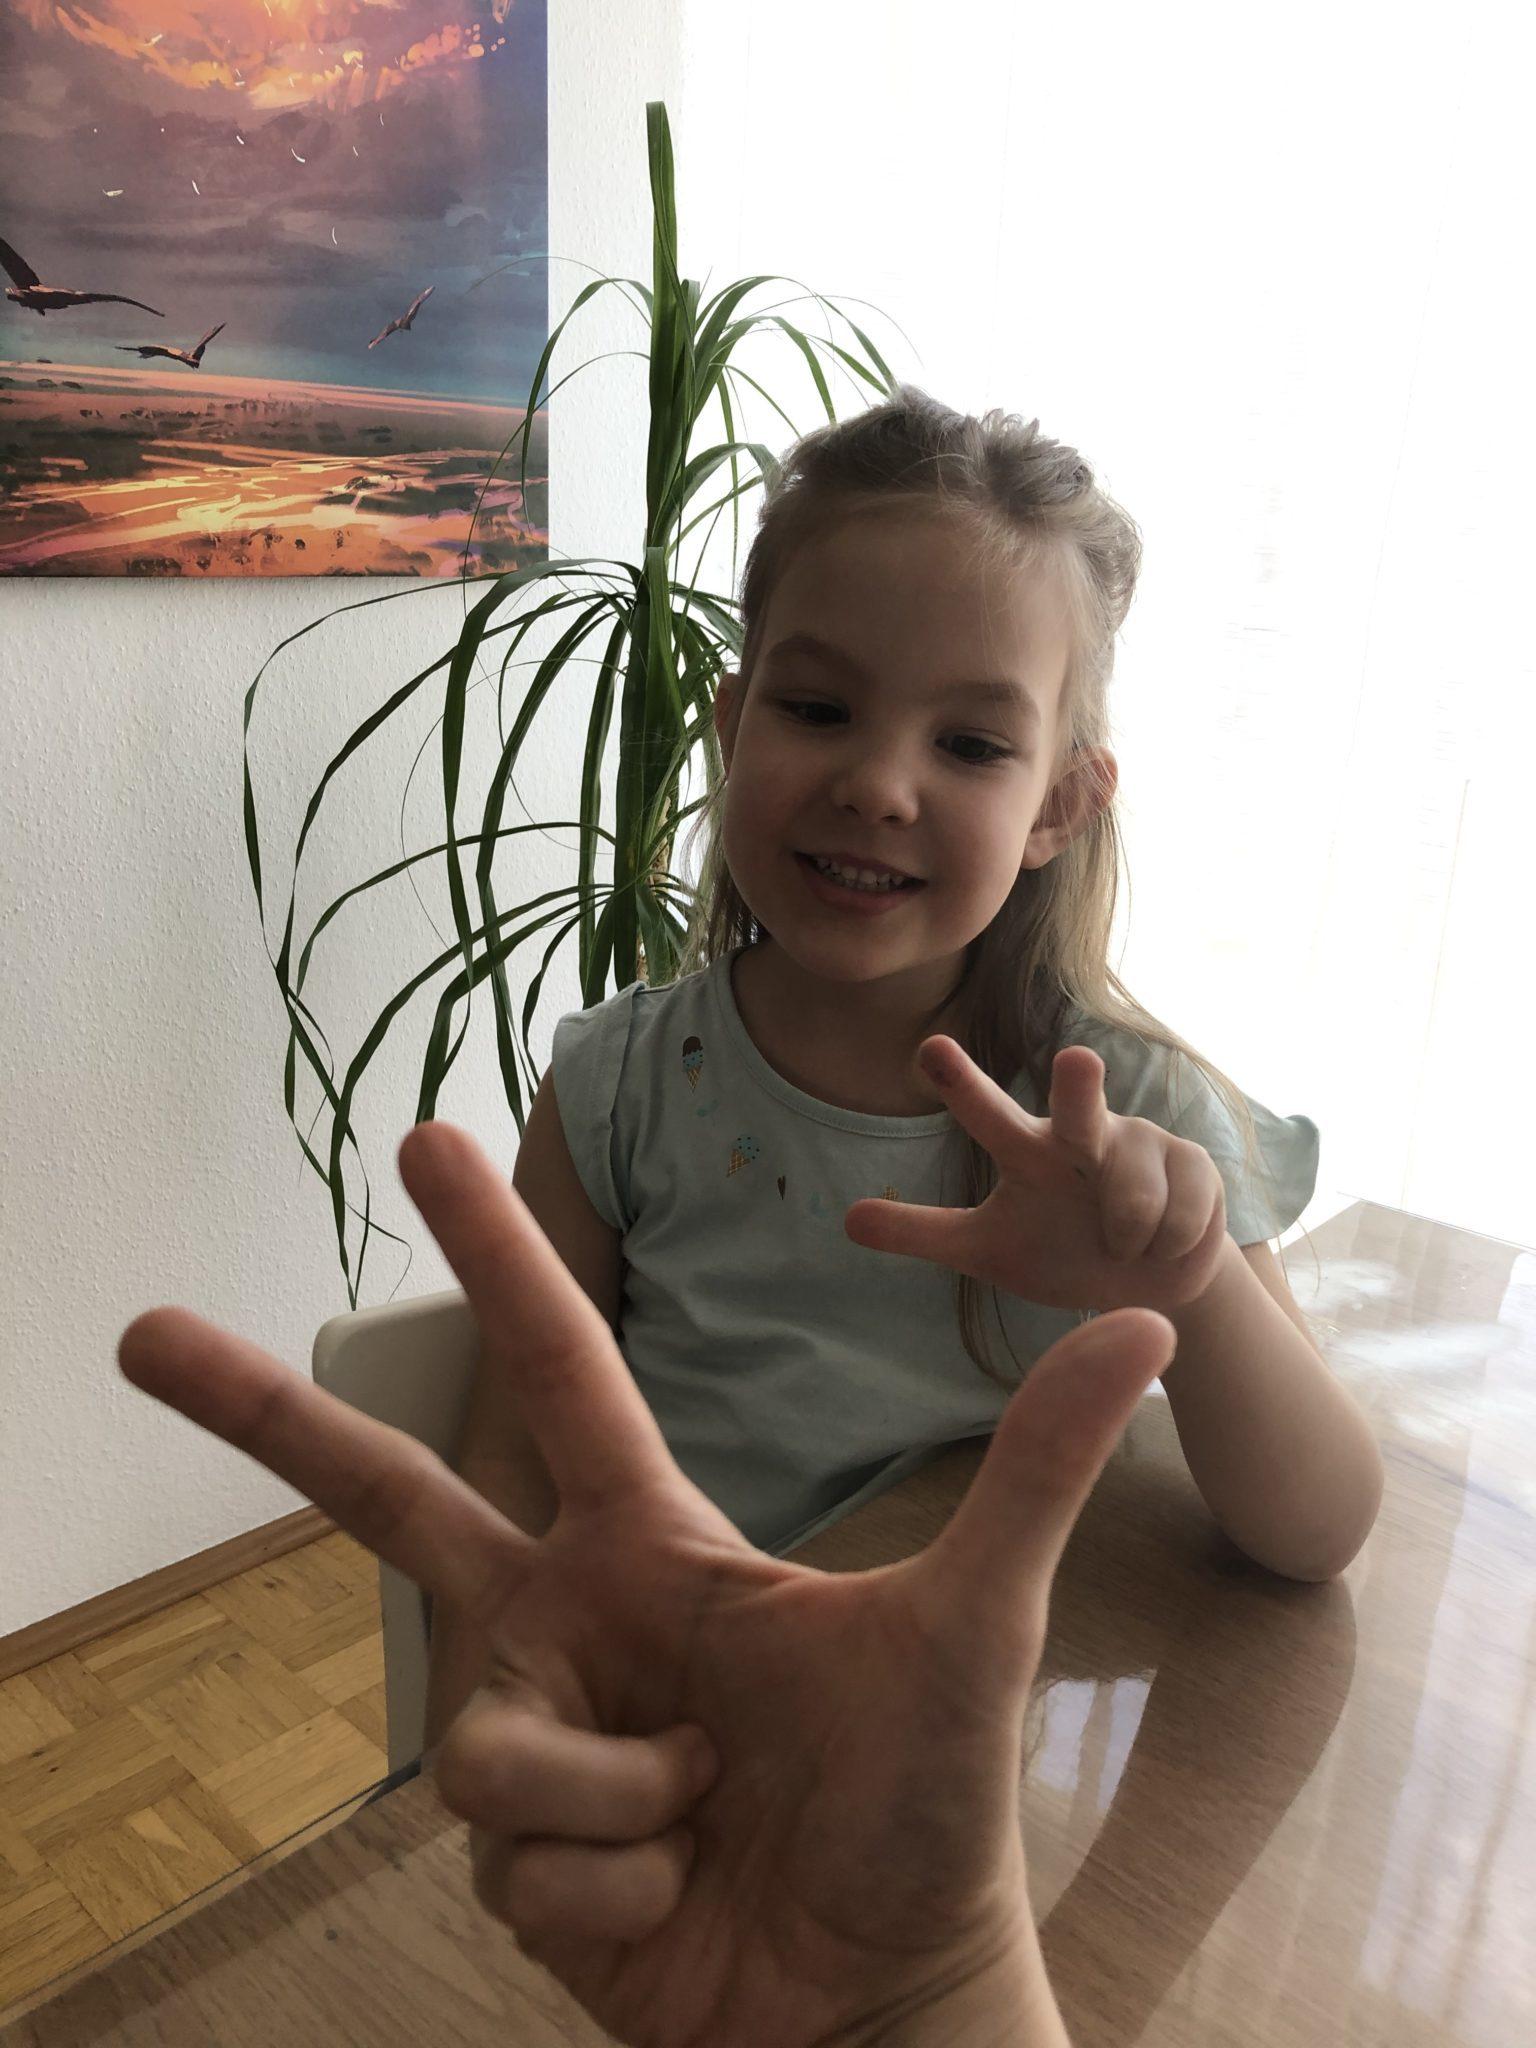 Verdoppeln mit Fingern